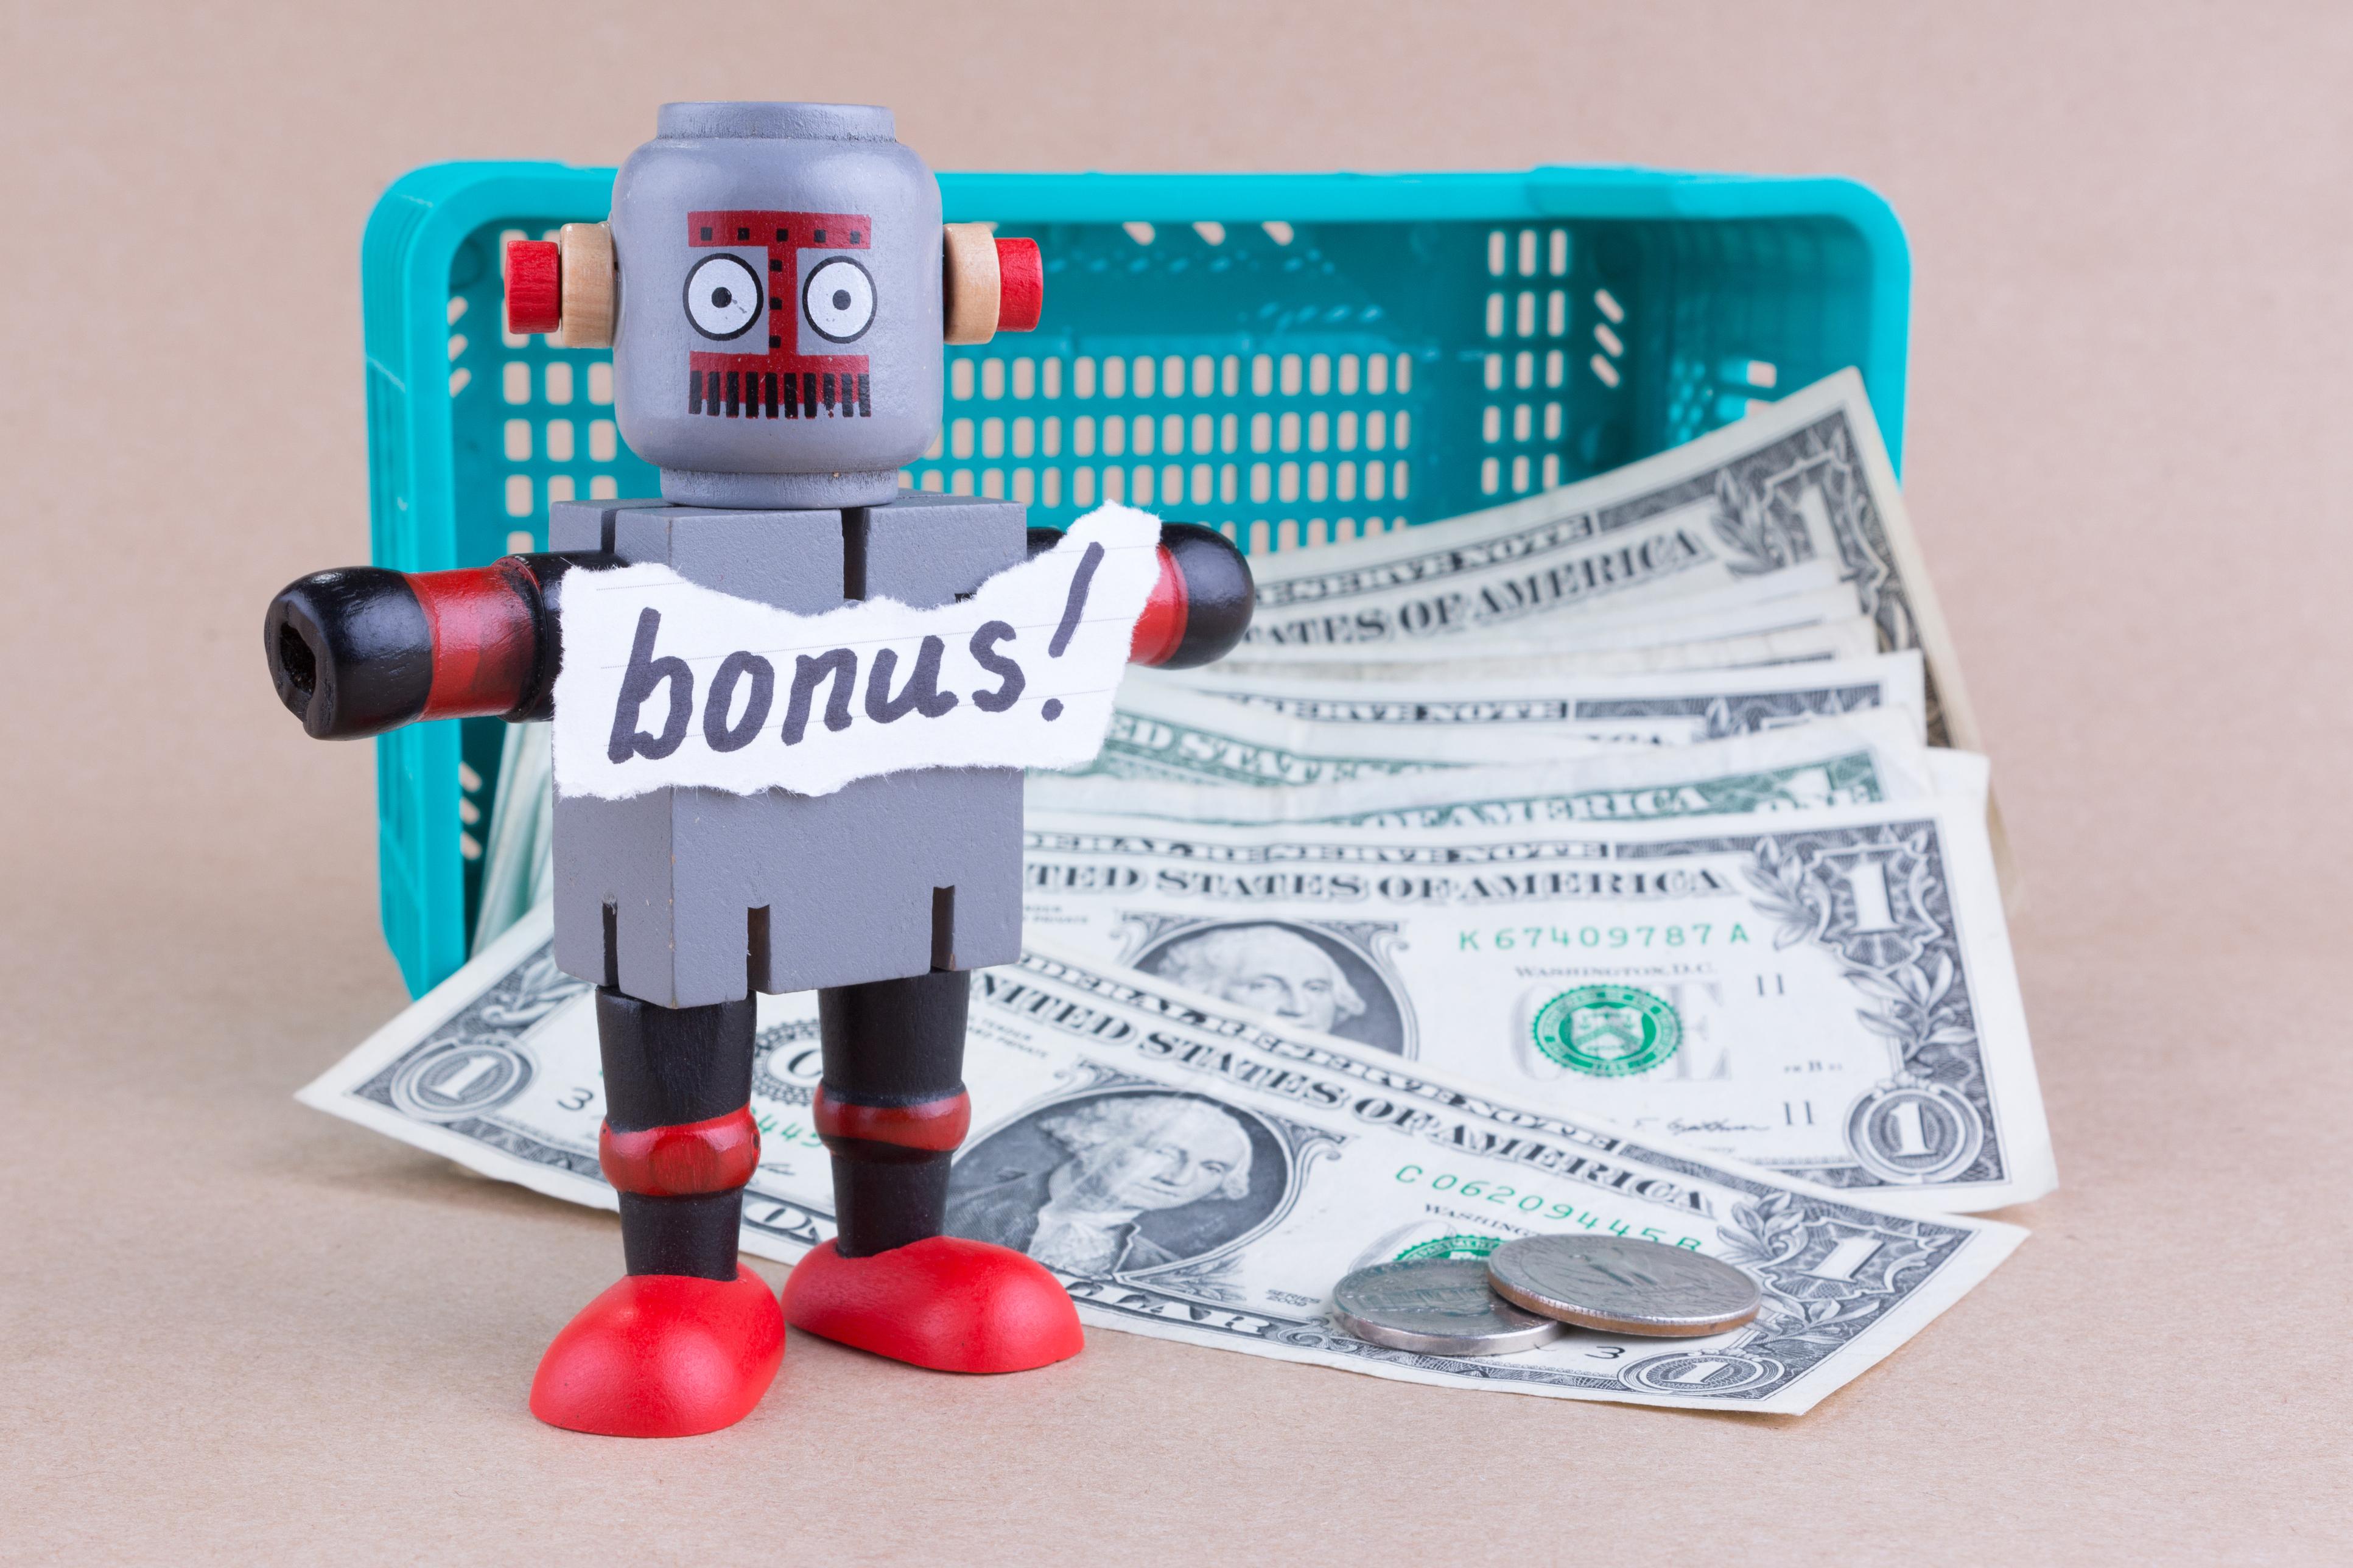 賞与引当金とは? 仕訳や会計処理を事例付きで解説!